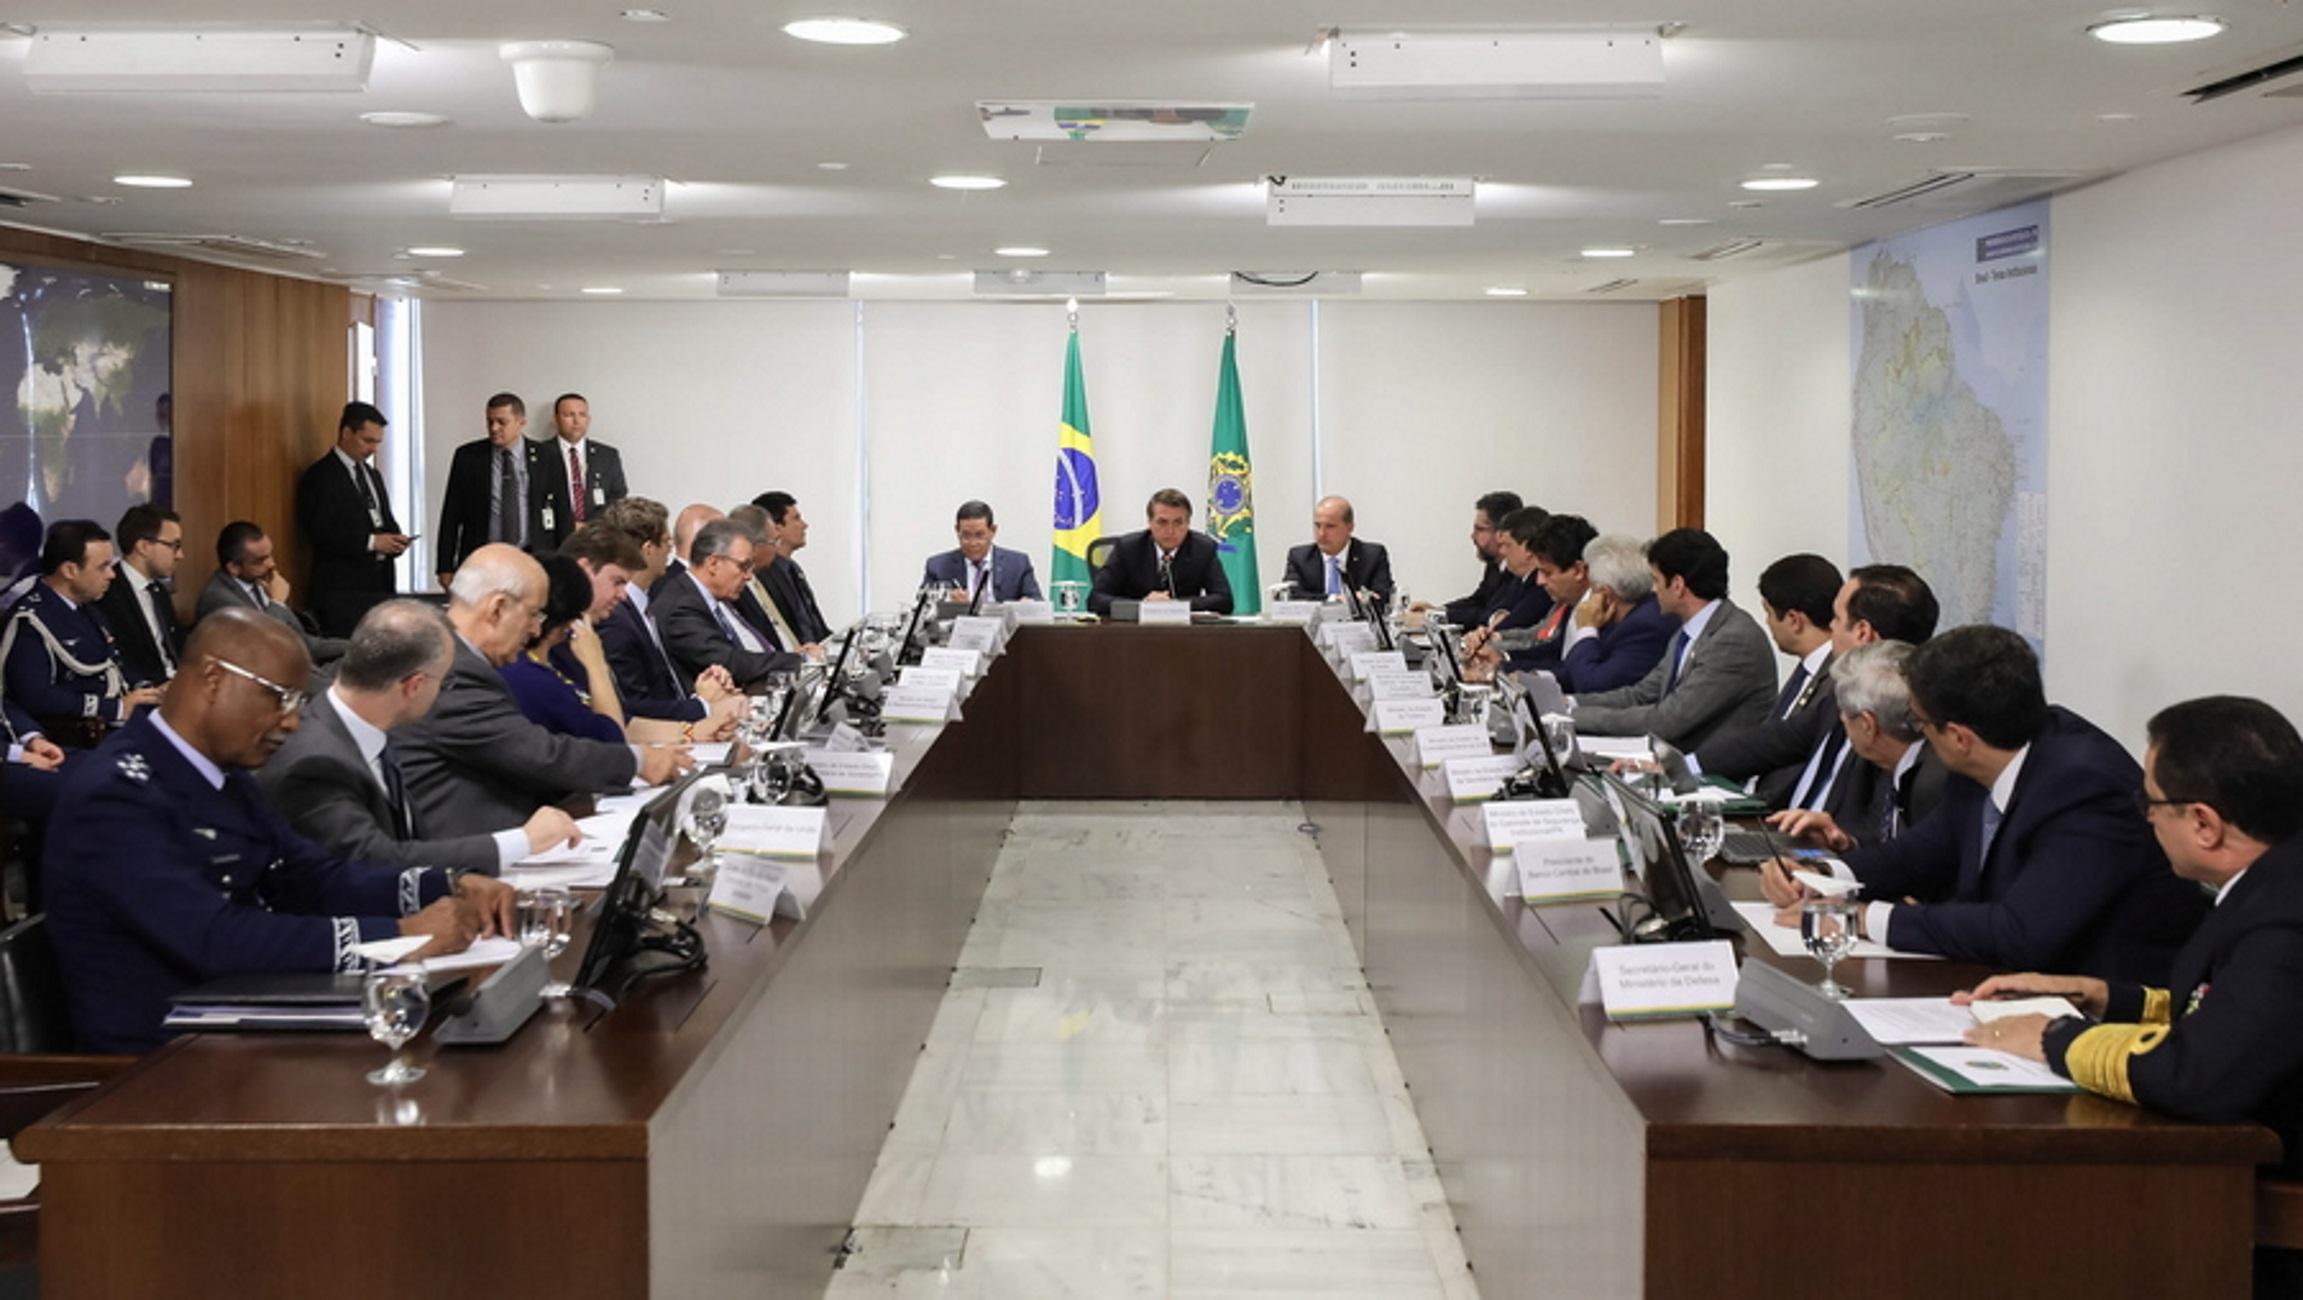 Απίστευτο! Βραζιλιάνος βουλευτής ζητά με νομοσχέδιο να κόβονται τα χέρια των διεφθαρμένων πολιτικών